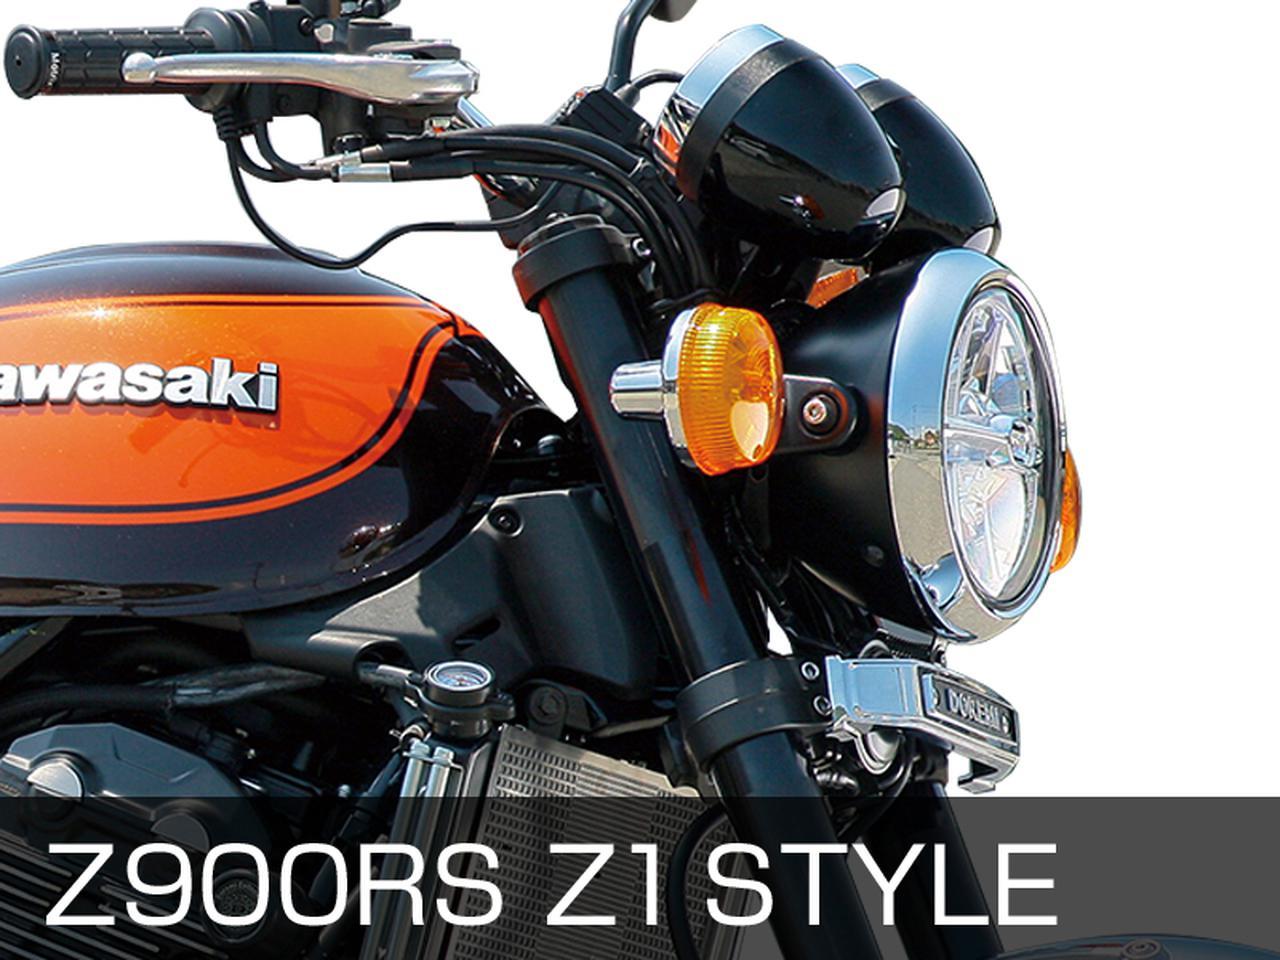 画像: Z900RS/CAFE DOREMI COLLECTION Z1 Style Parts | ドレミコレクション|DOREMI COLLECTION